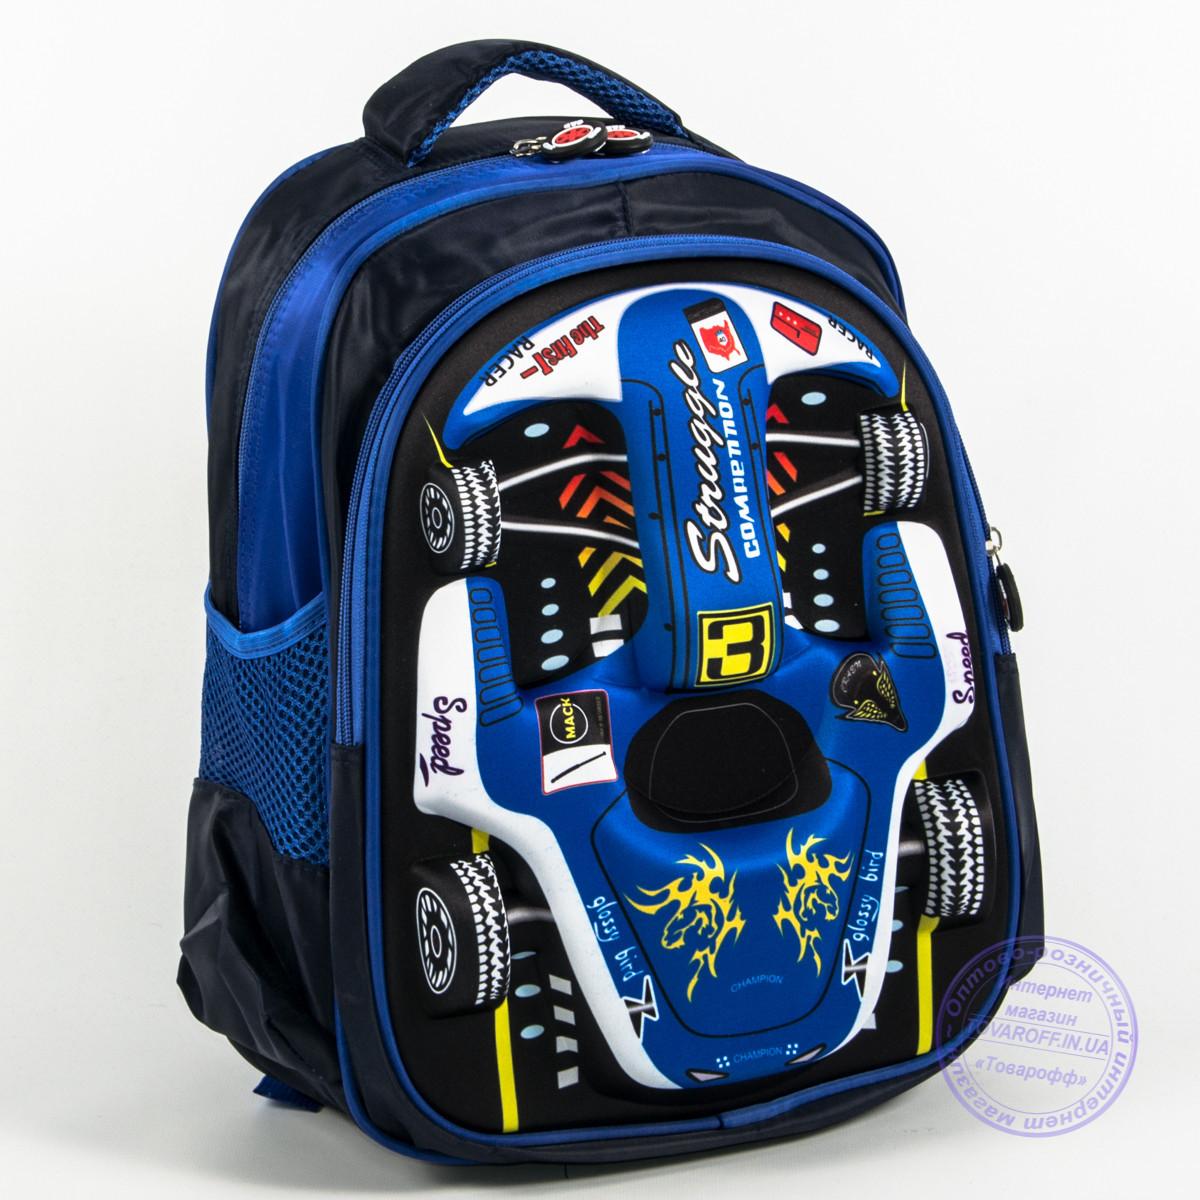 69d66c8200e6 Оптом школьный рюкзак для мальчика 3D машина - синий - 129 - купить ...